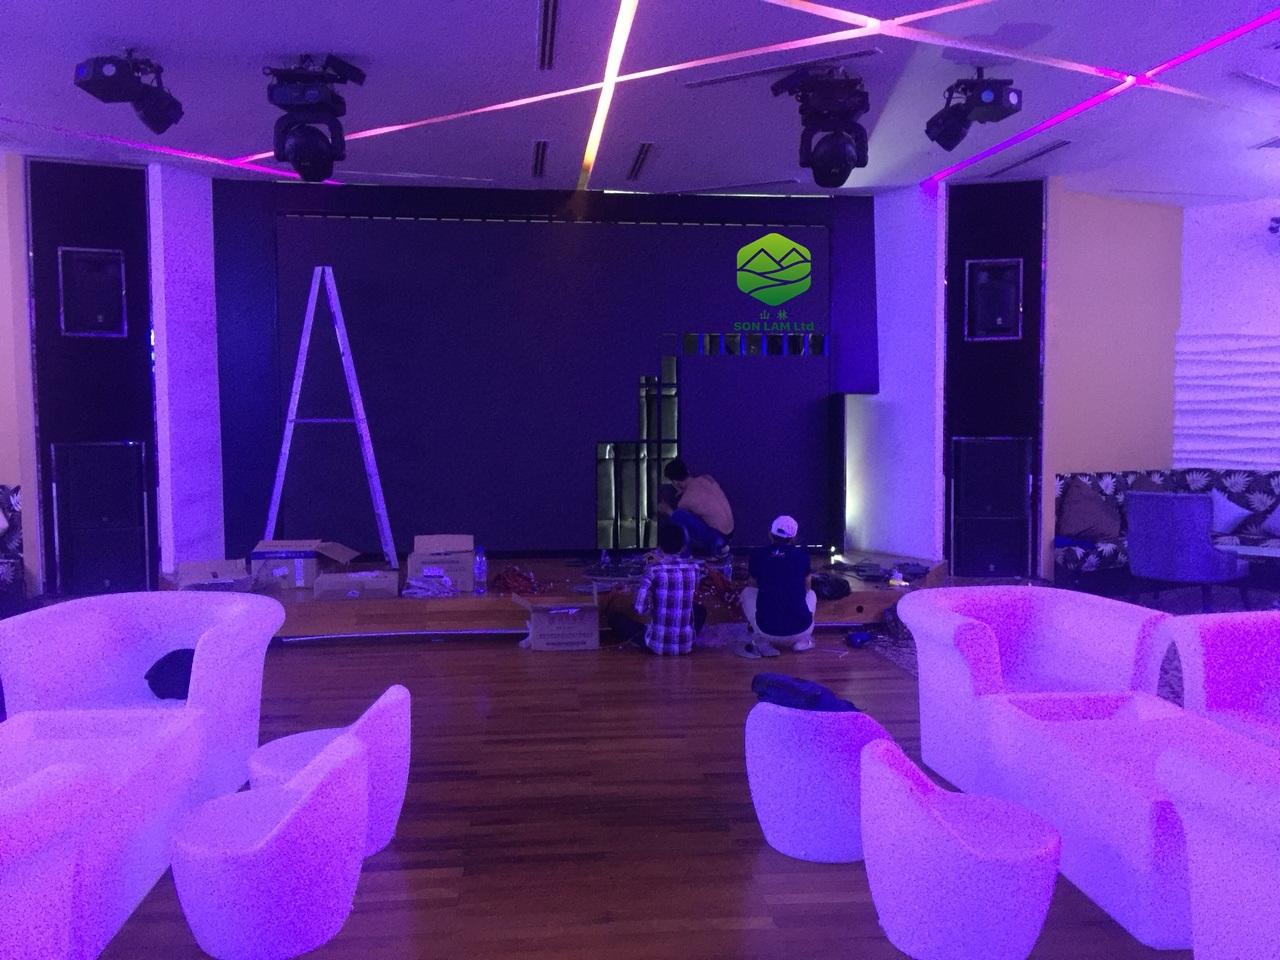 Thi công 15 m2 màn hình led P3 full indoor tại Campuchia